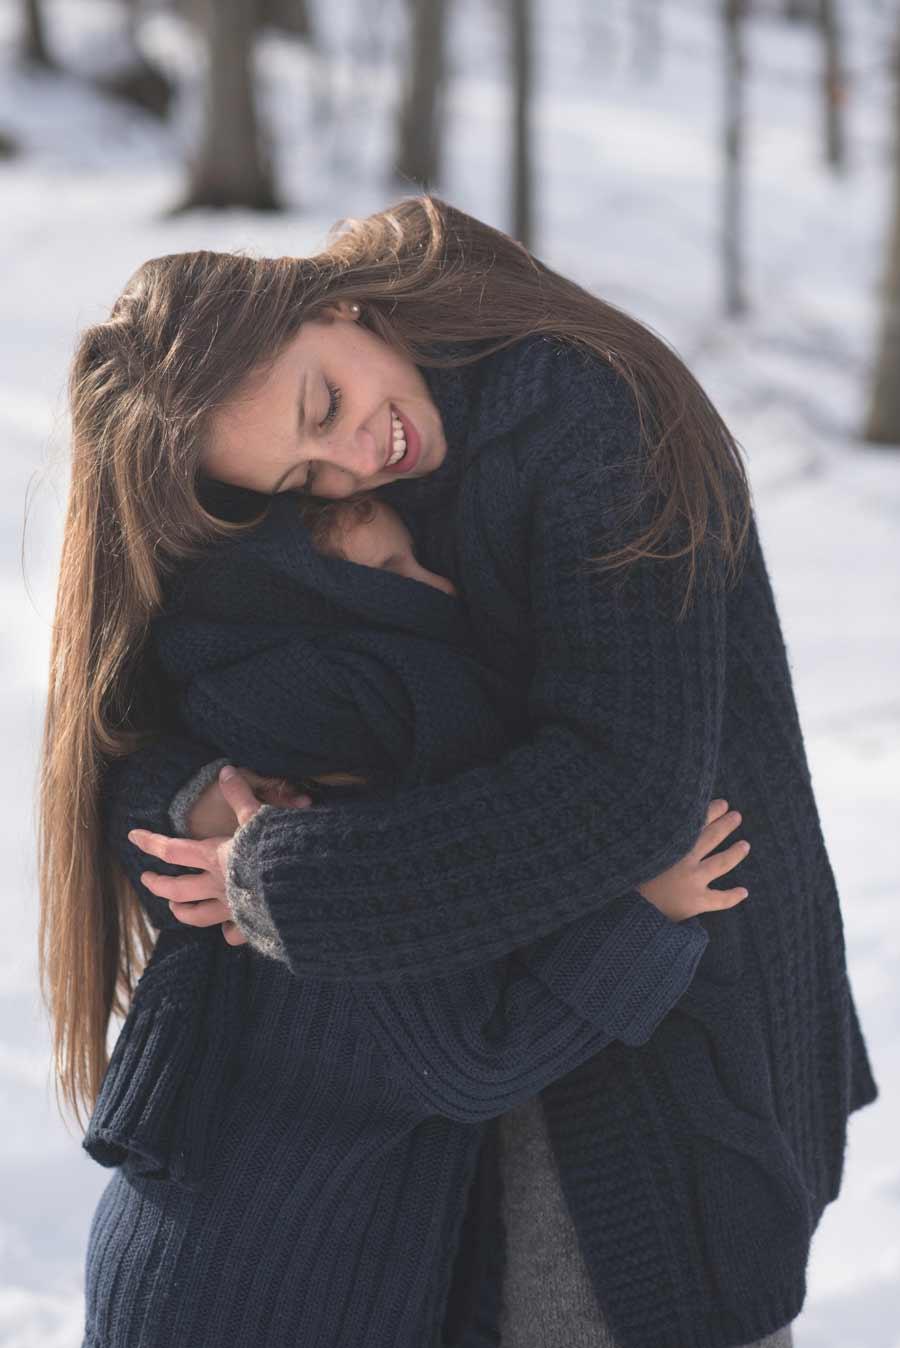 foto bambine sulla neve gabriele zani abbraccio tenerezza